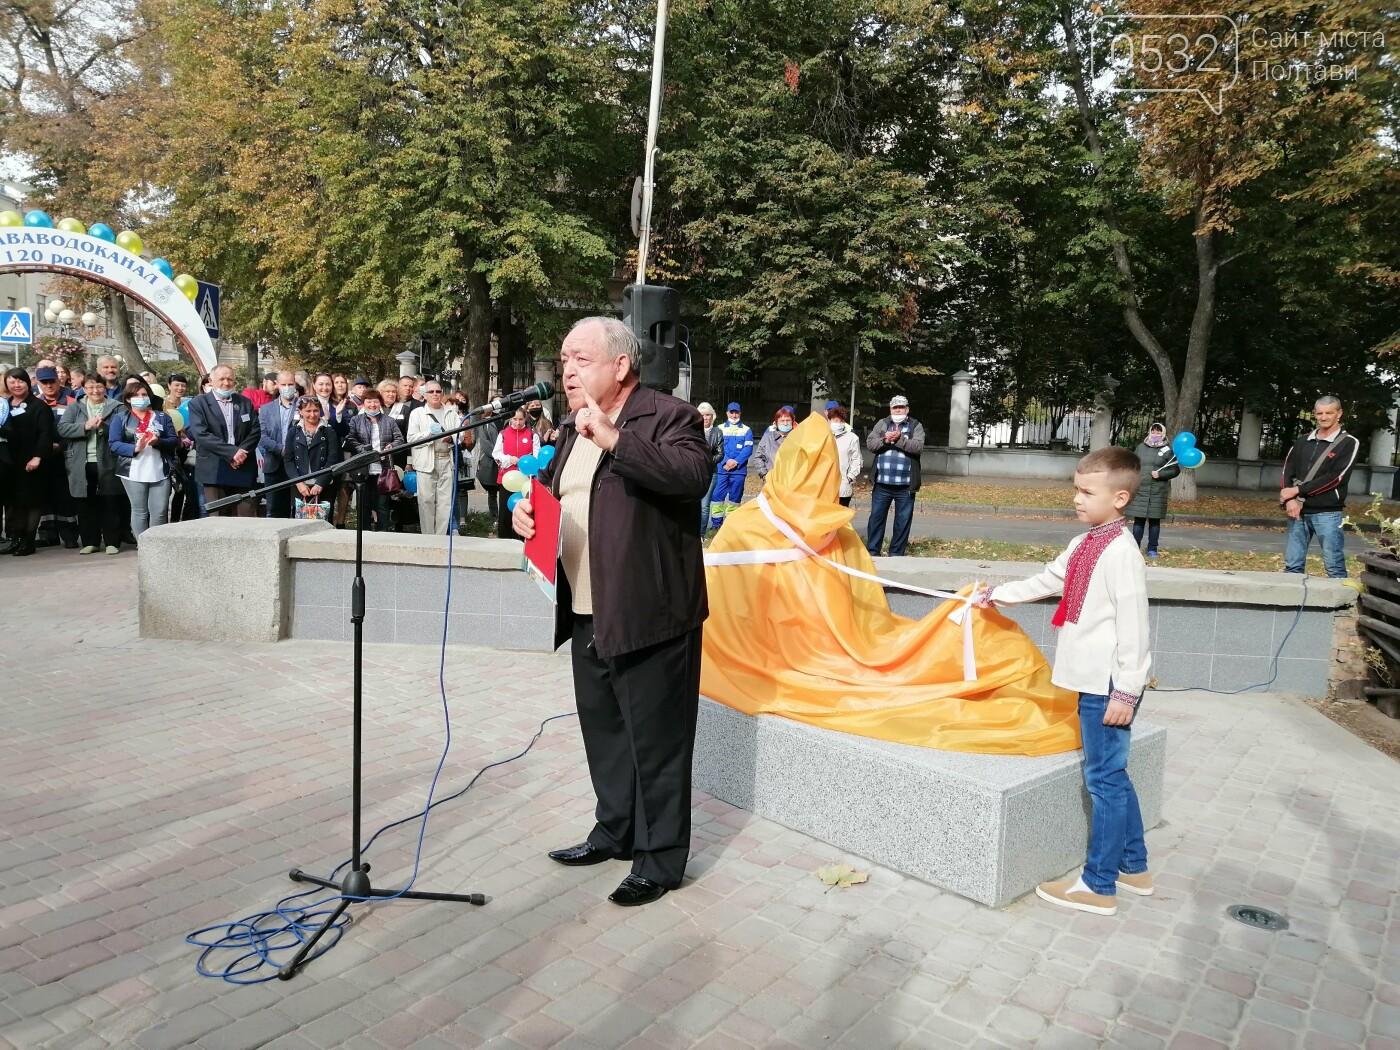 У Полтаві нова скульптура: у Сонячному парку встановили водопровідника з котом (ФОТО), фото-2